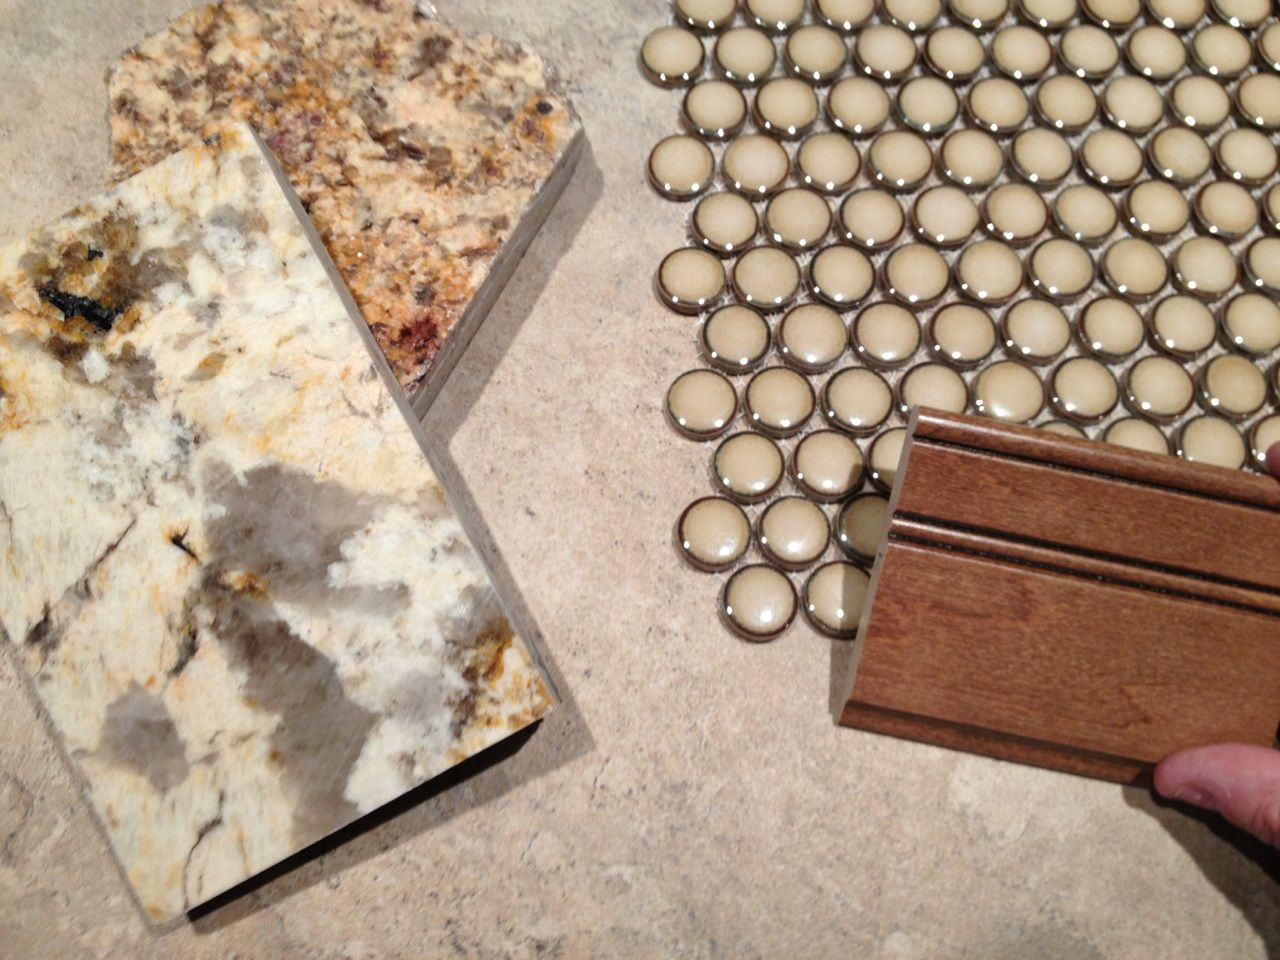 Penny tile for backsplash barb 39 s new house pinterest - Penny tile backsplash images ...